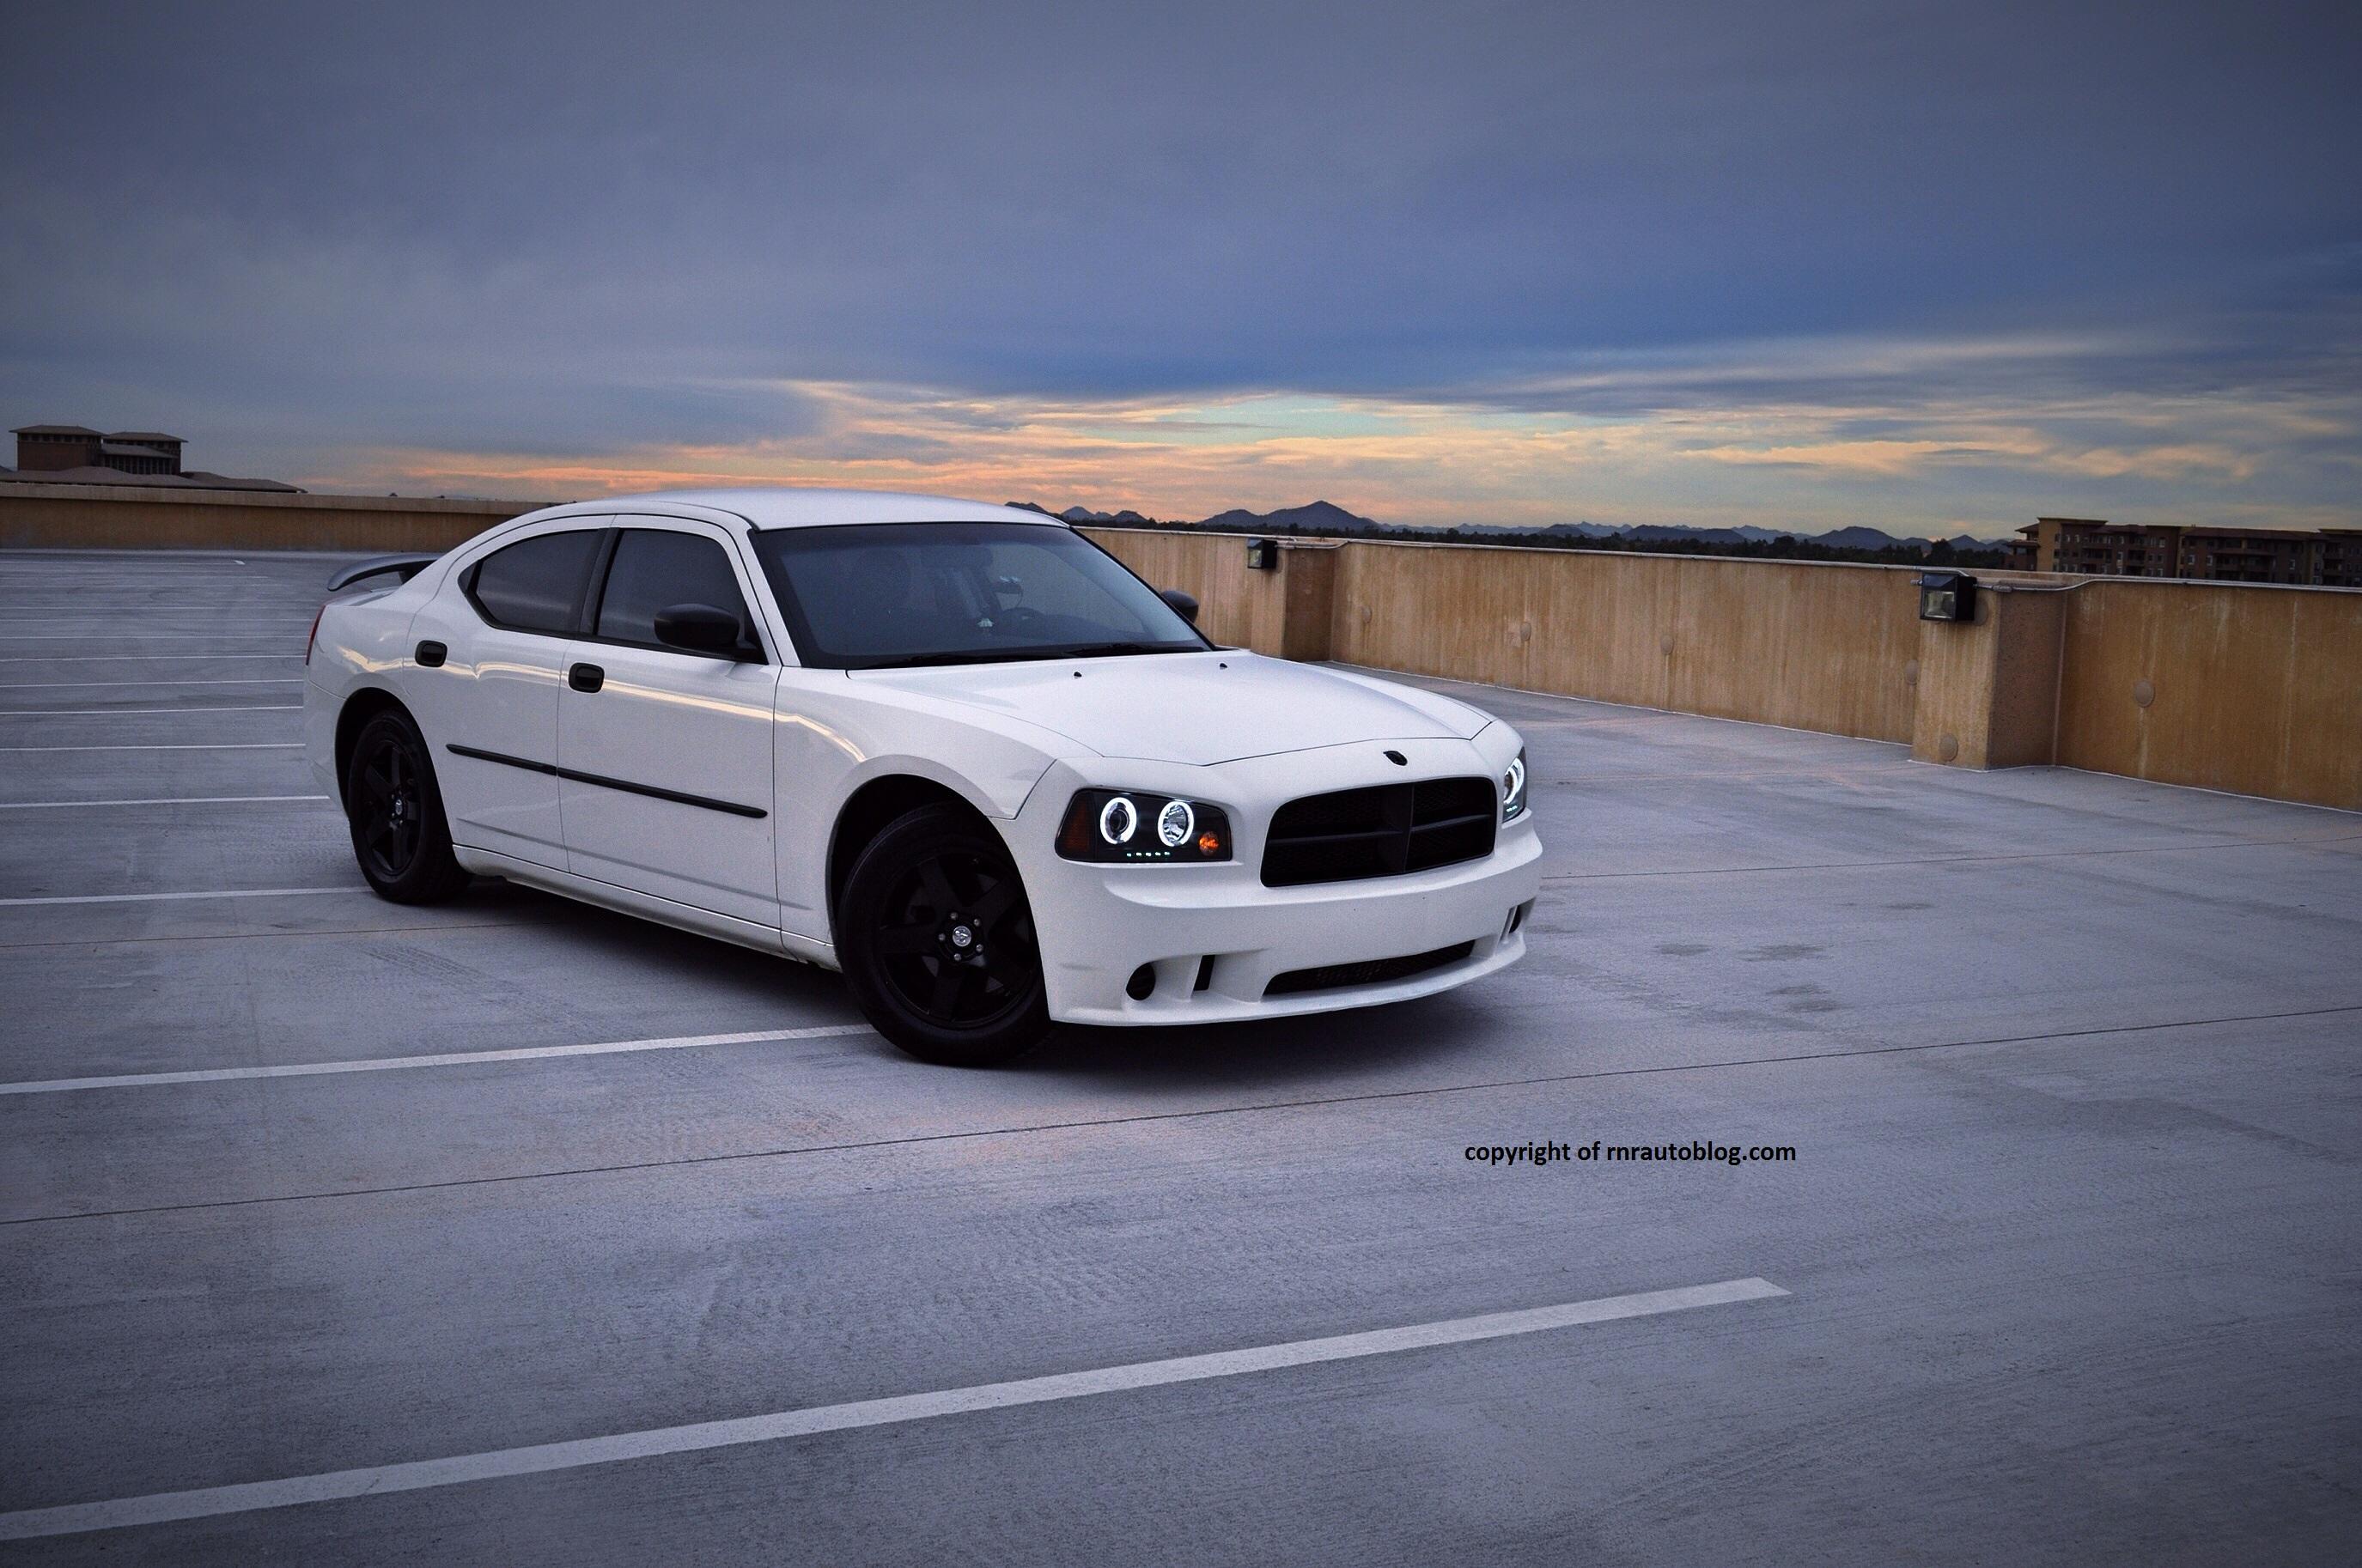 2009 Dodge Charger Se Review Rnr Automotive Blog